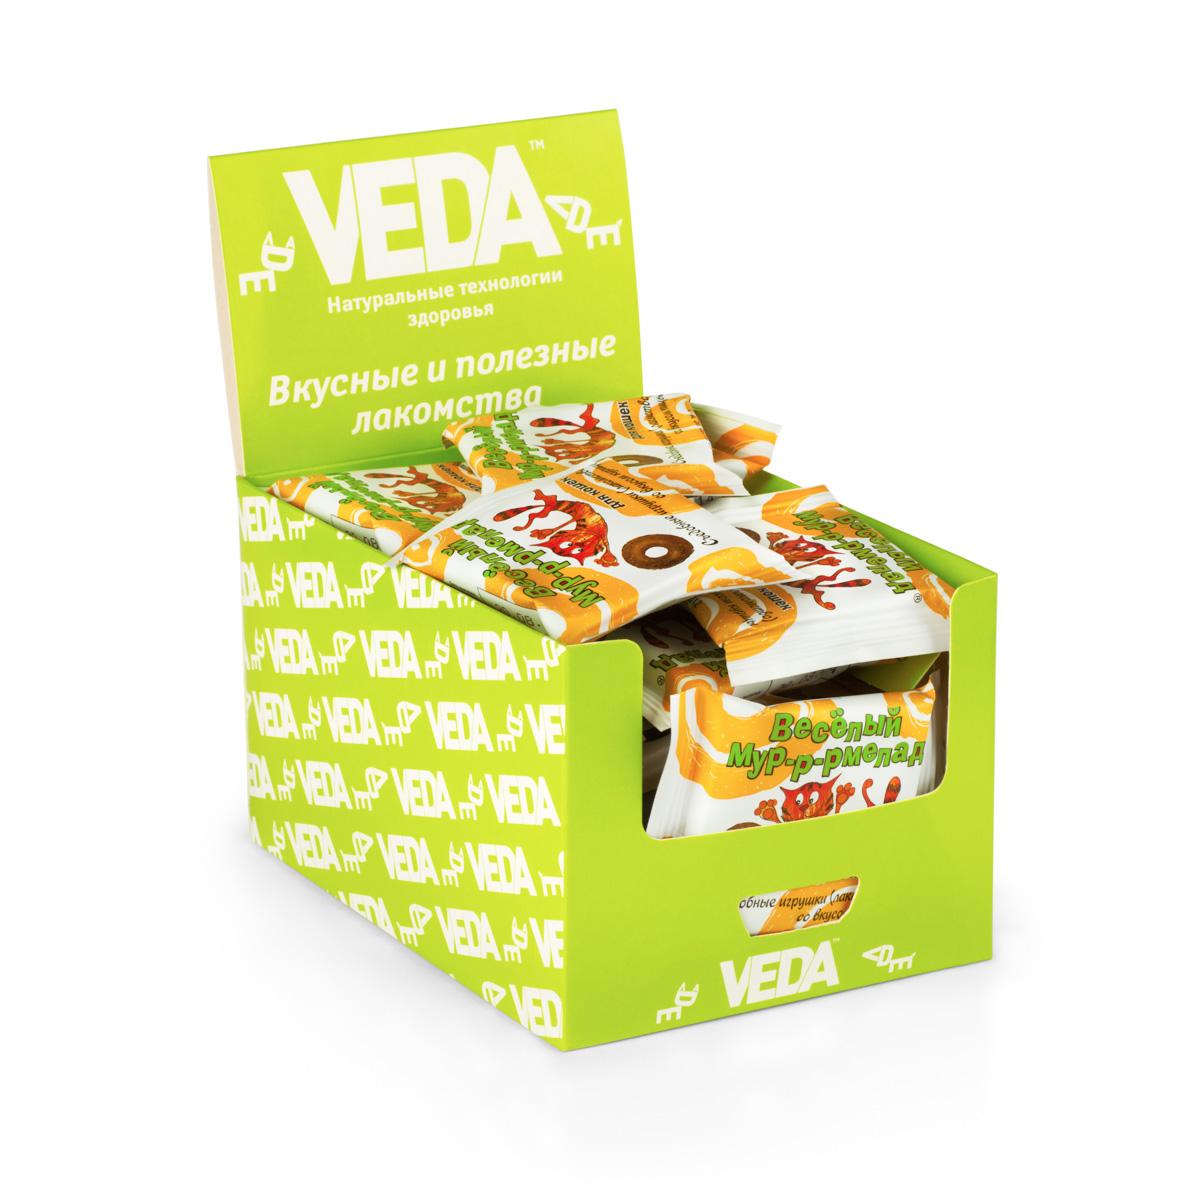 Лакомство VEDA Веселый Мур-Р-Рмелад, для кошек, в шоу-боксе, с курицей, 32 шт0120710Лакомство VEDA Веселый Мур-Р-Рмелад представляет собой съедобную игрушку в виде мягкого колечка. Оно содержит комплекс витаминов группы В (В1, В3, В6), таурин, мумие. Позволяет удовлетворить инстинкт охоты и снять эмоциональное напряжение. Витаминизирует и оздоравливает организм животного. Количество: 32 шт. Вес (1 шт): 6 г. Товар сертифицирован.